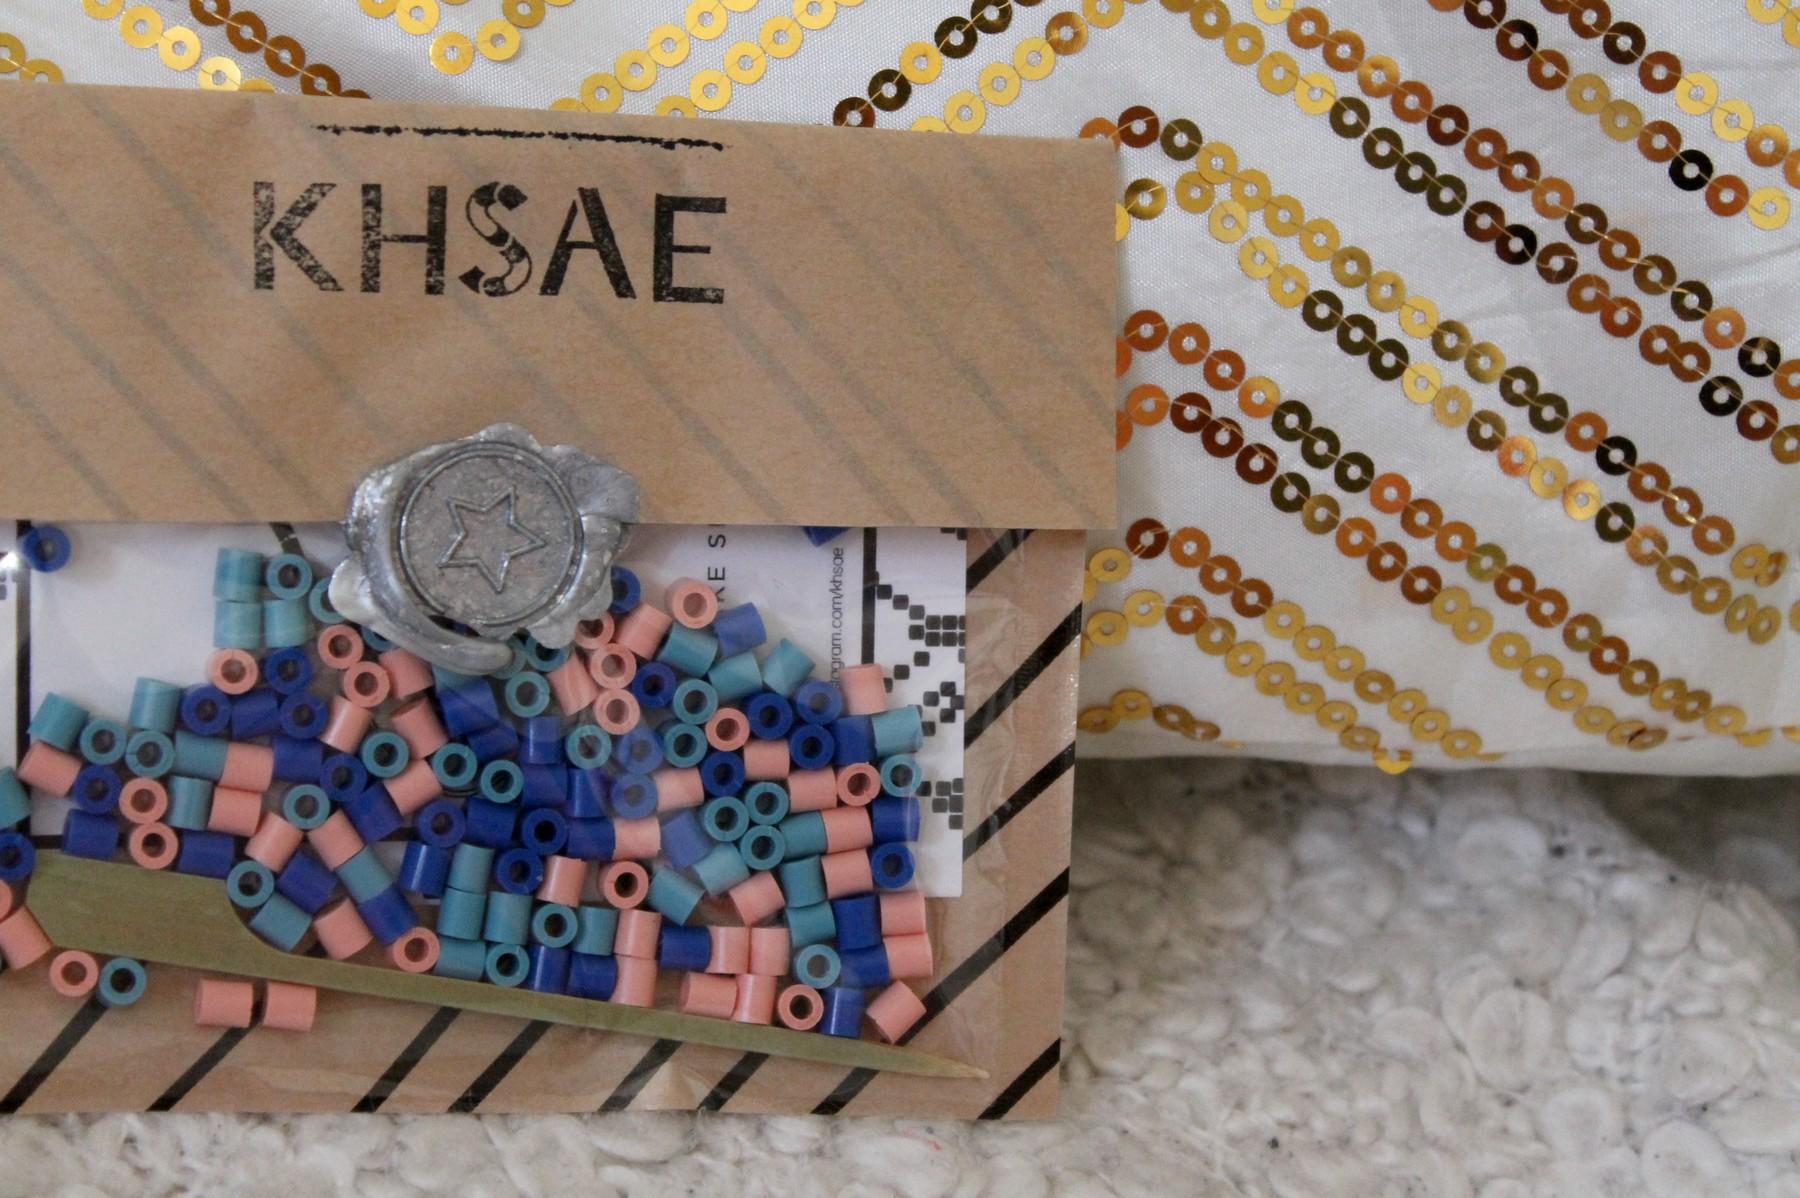 khsae7